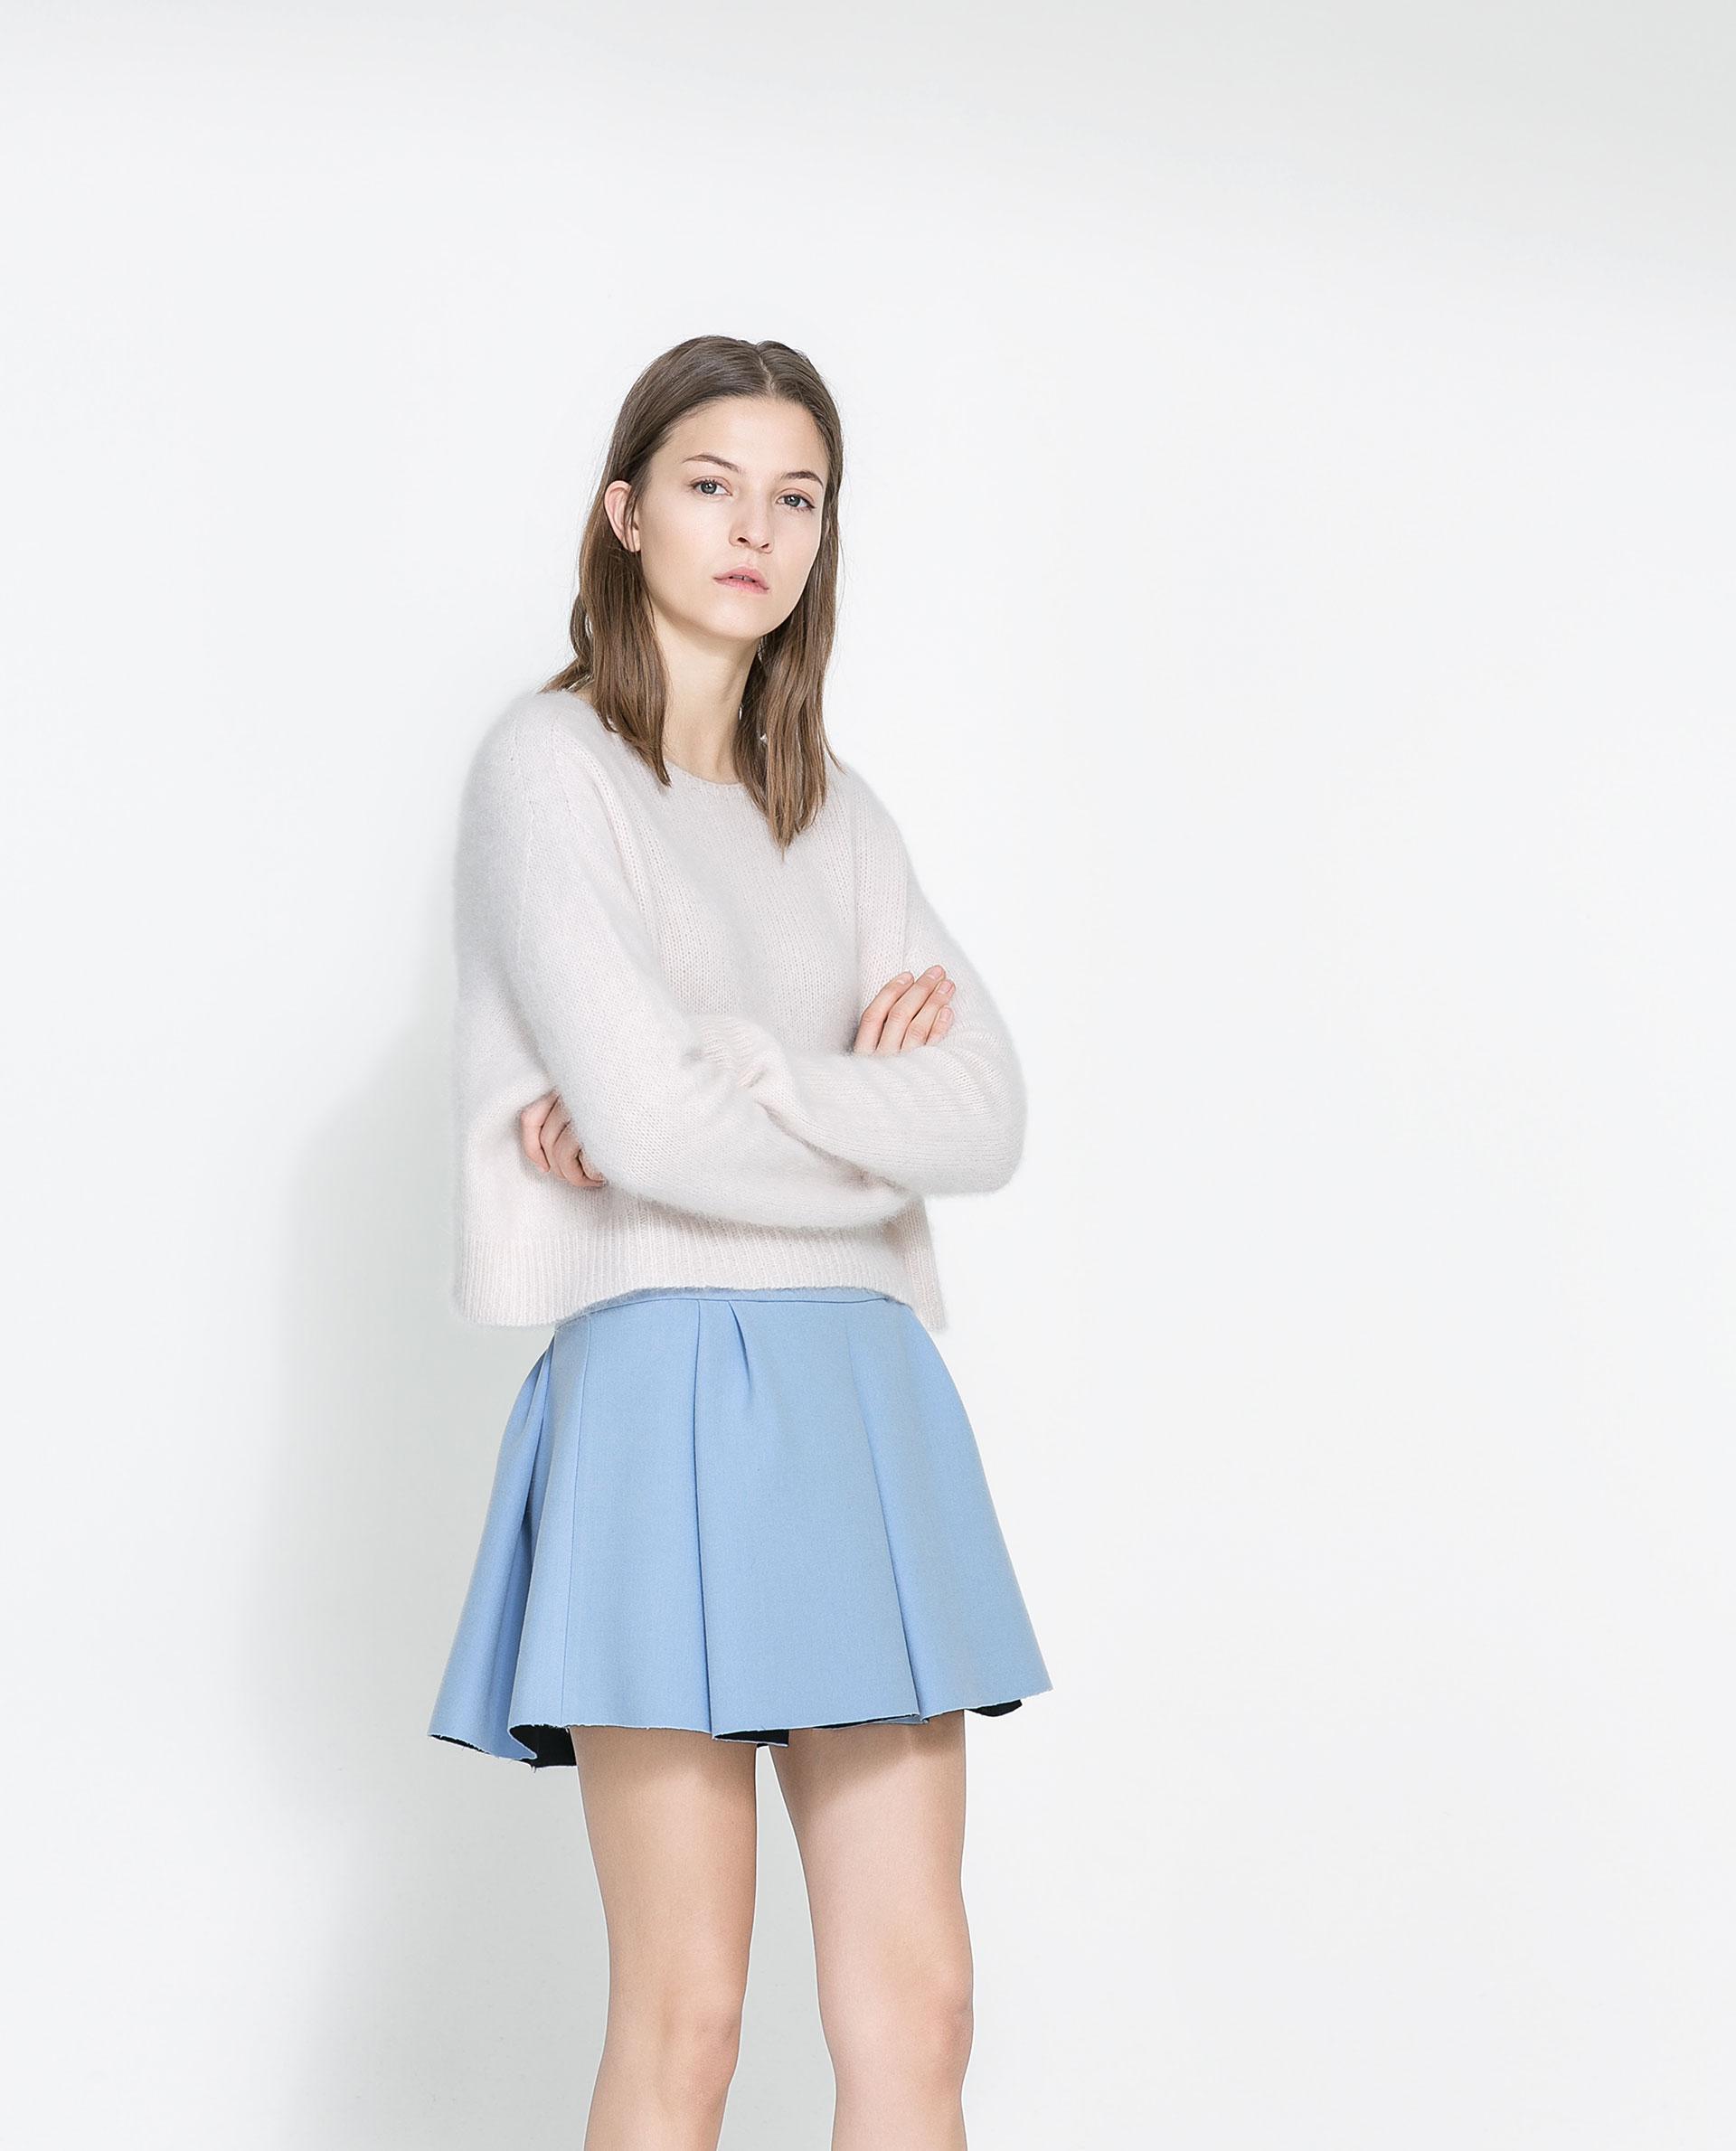 Blue Pleated Mini Skirt 66